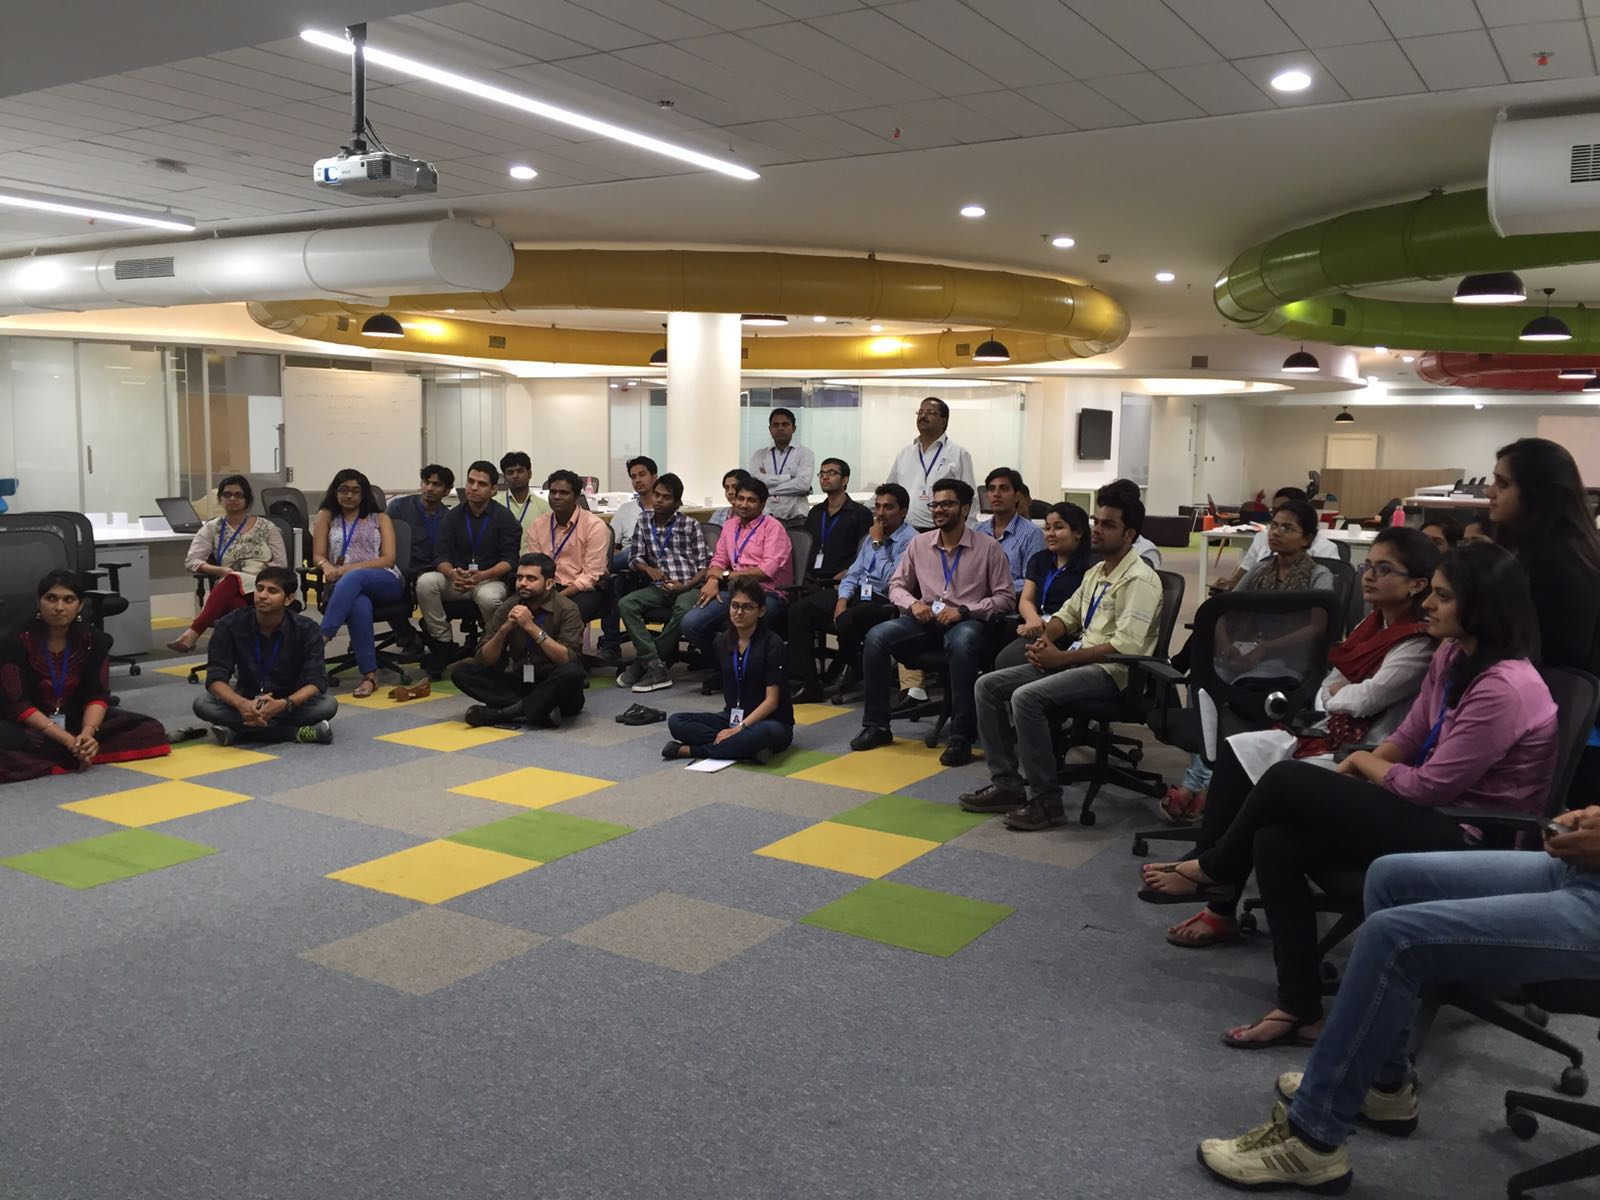 Opening day - Nashik Innovation Center 1.jpg